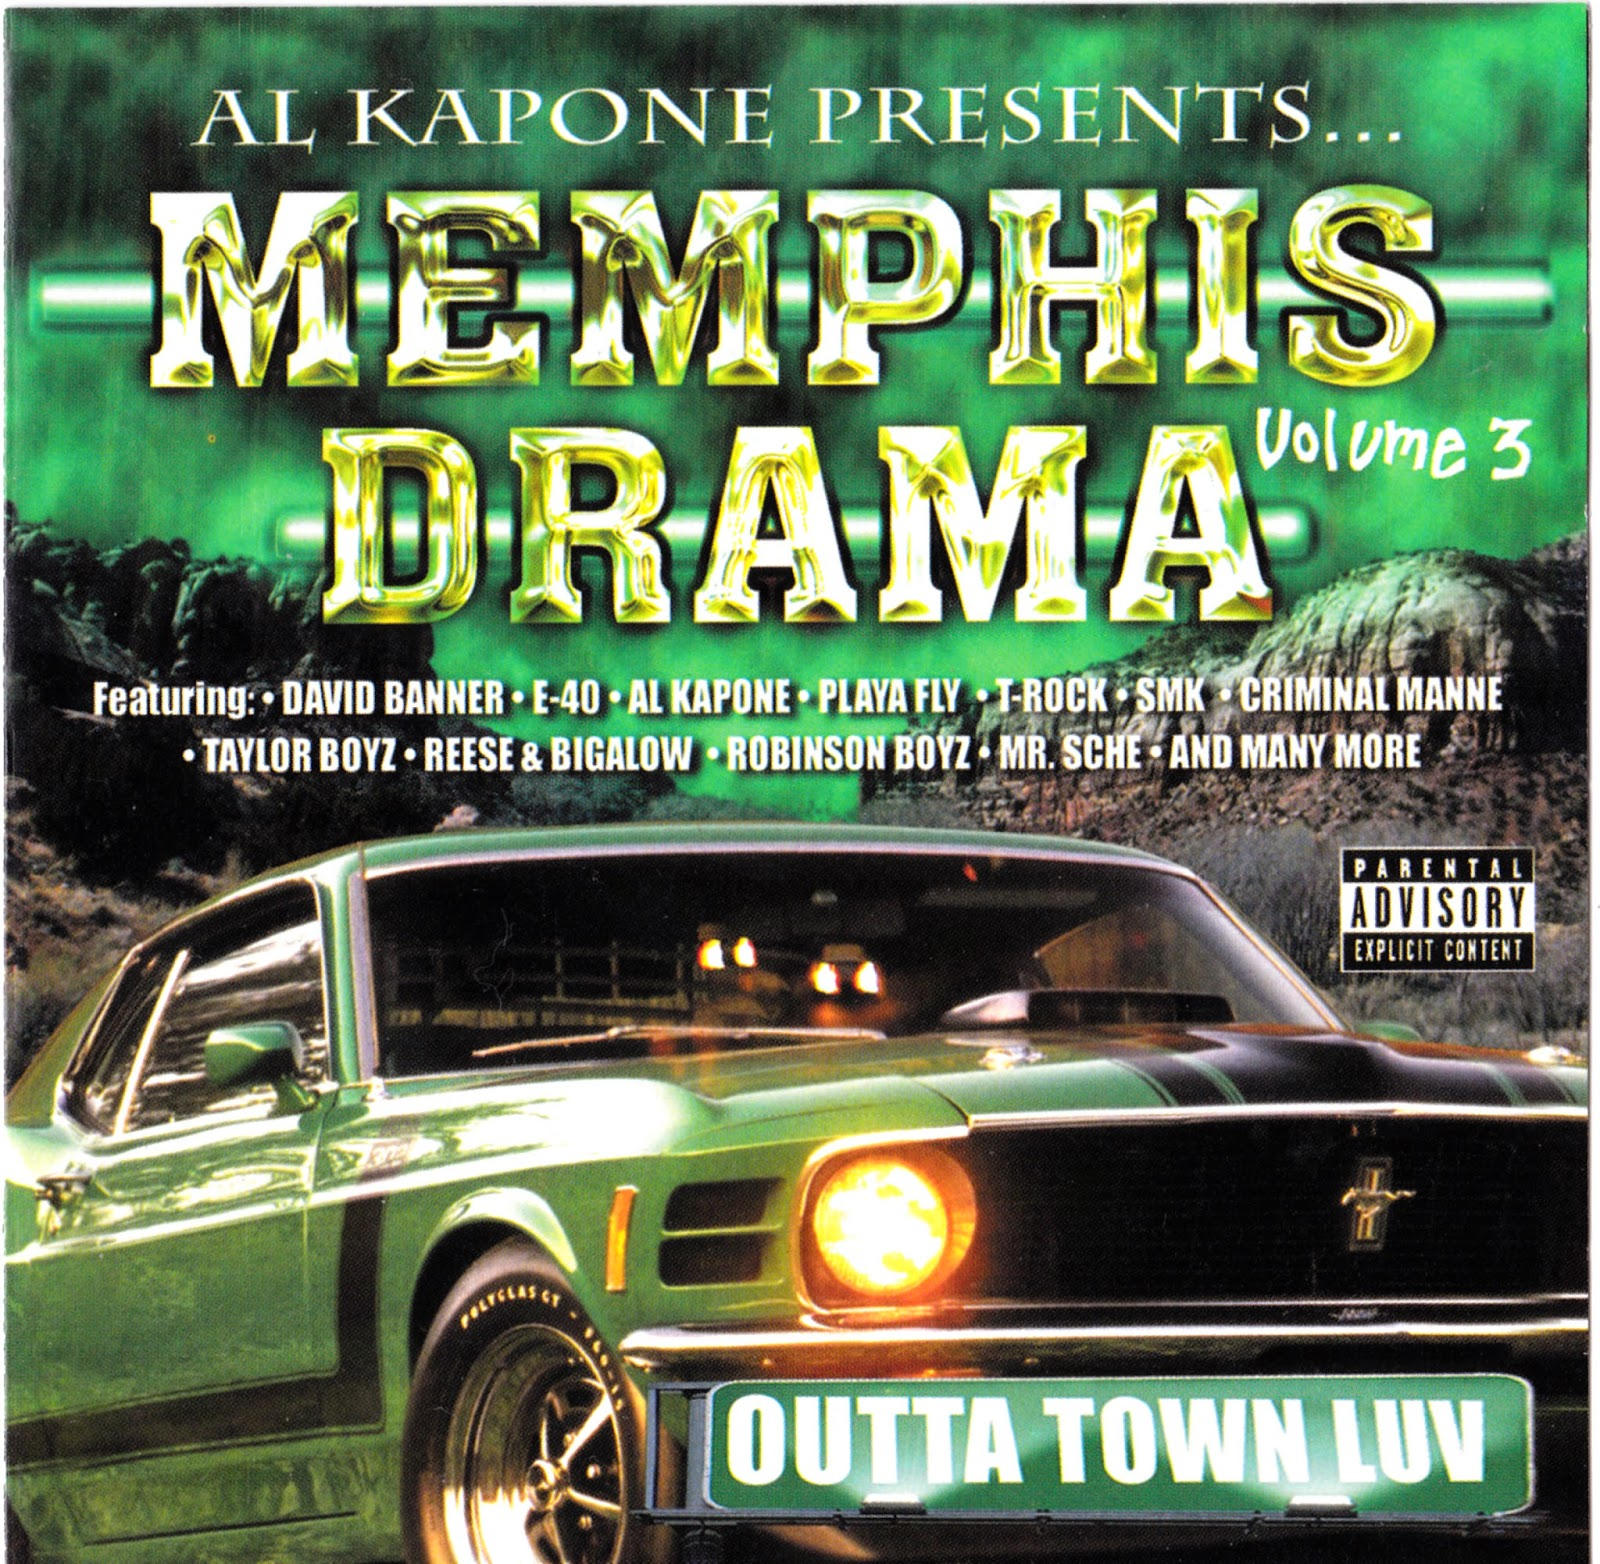 Al Kapone presents Memphis Drama Vol. 3.